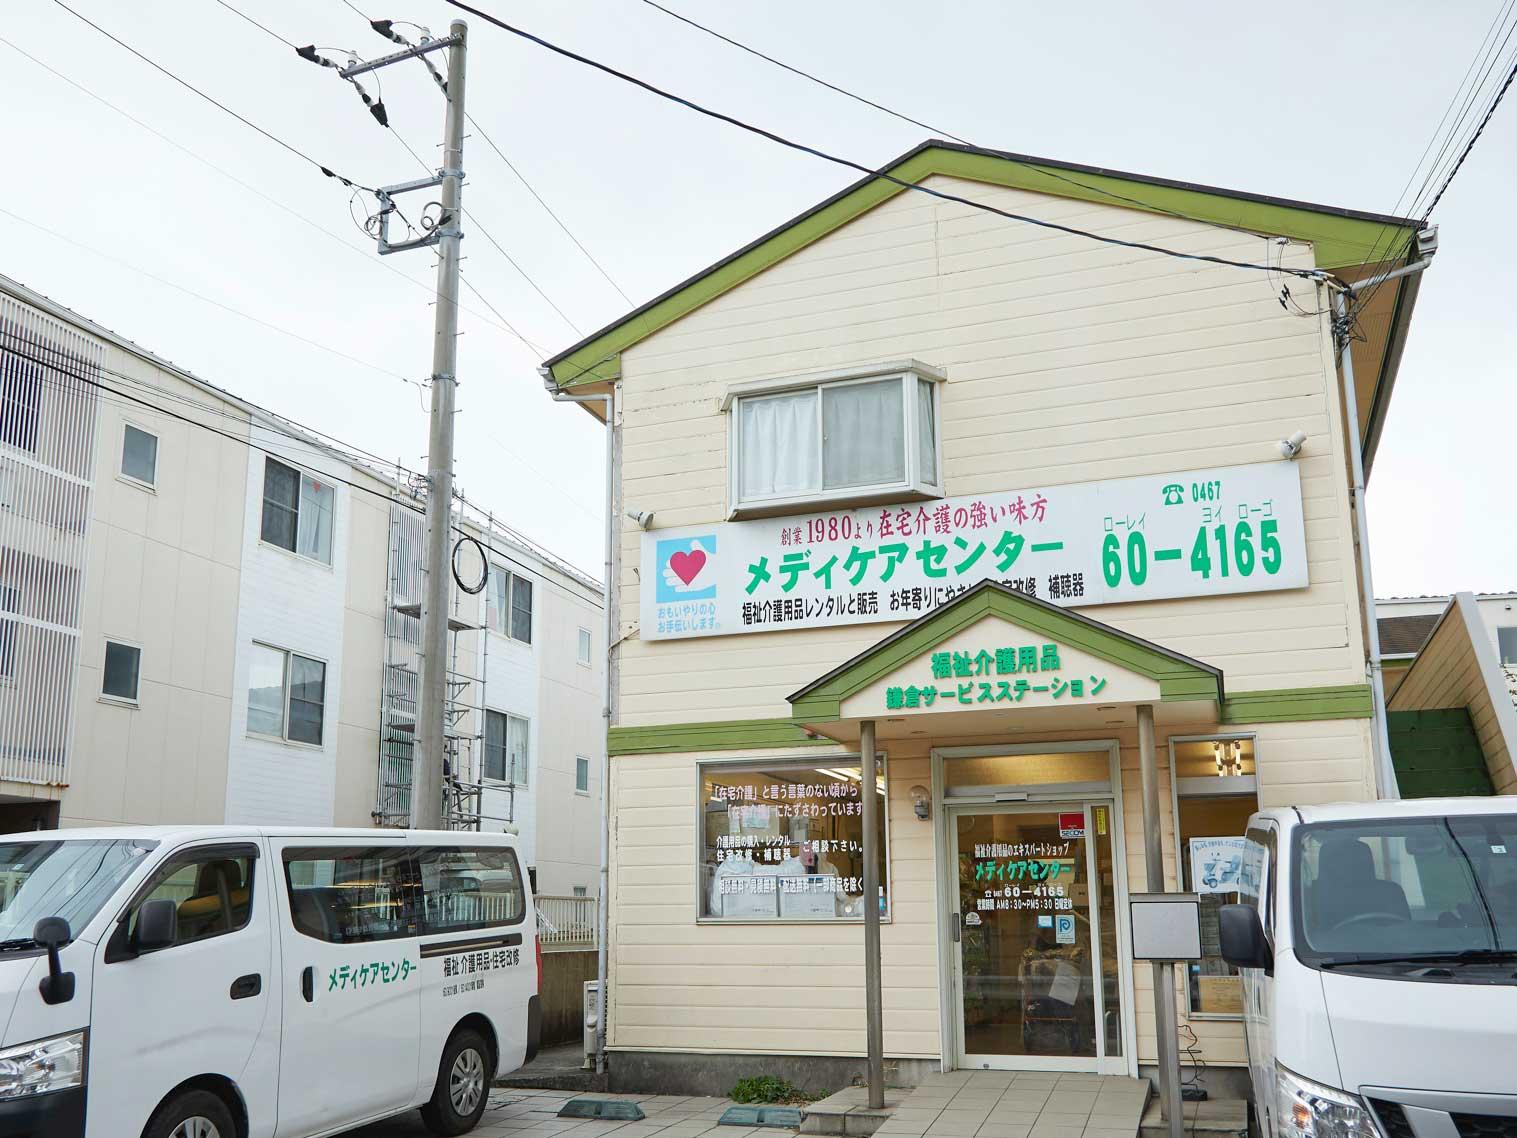 メディケアセンター鎌倉